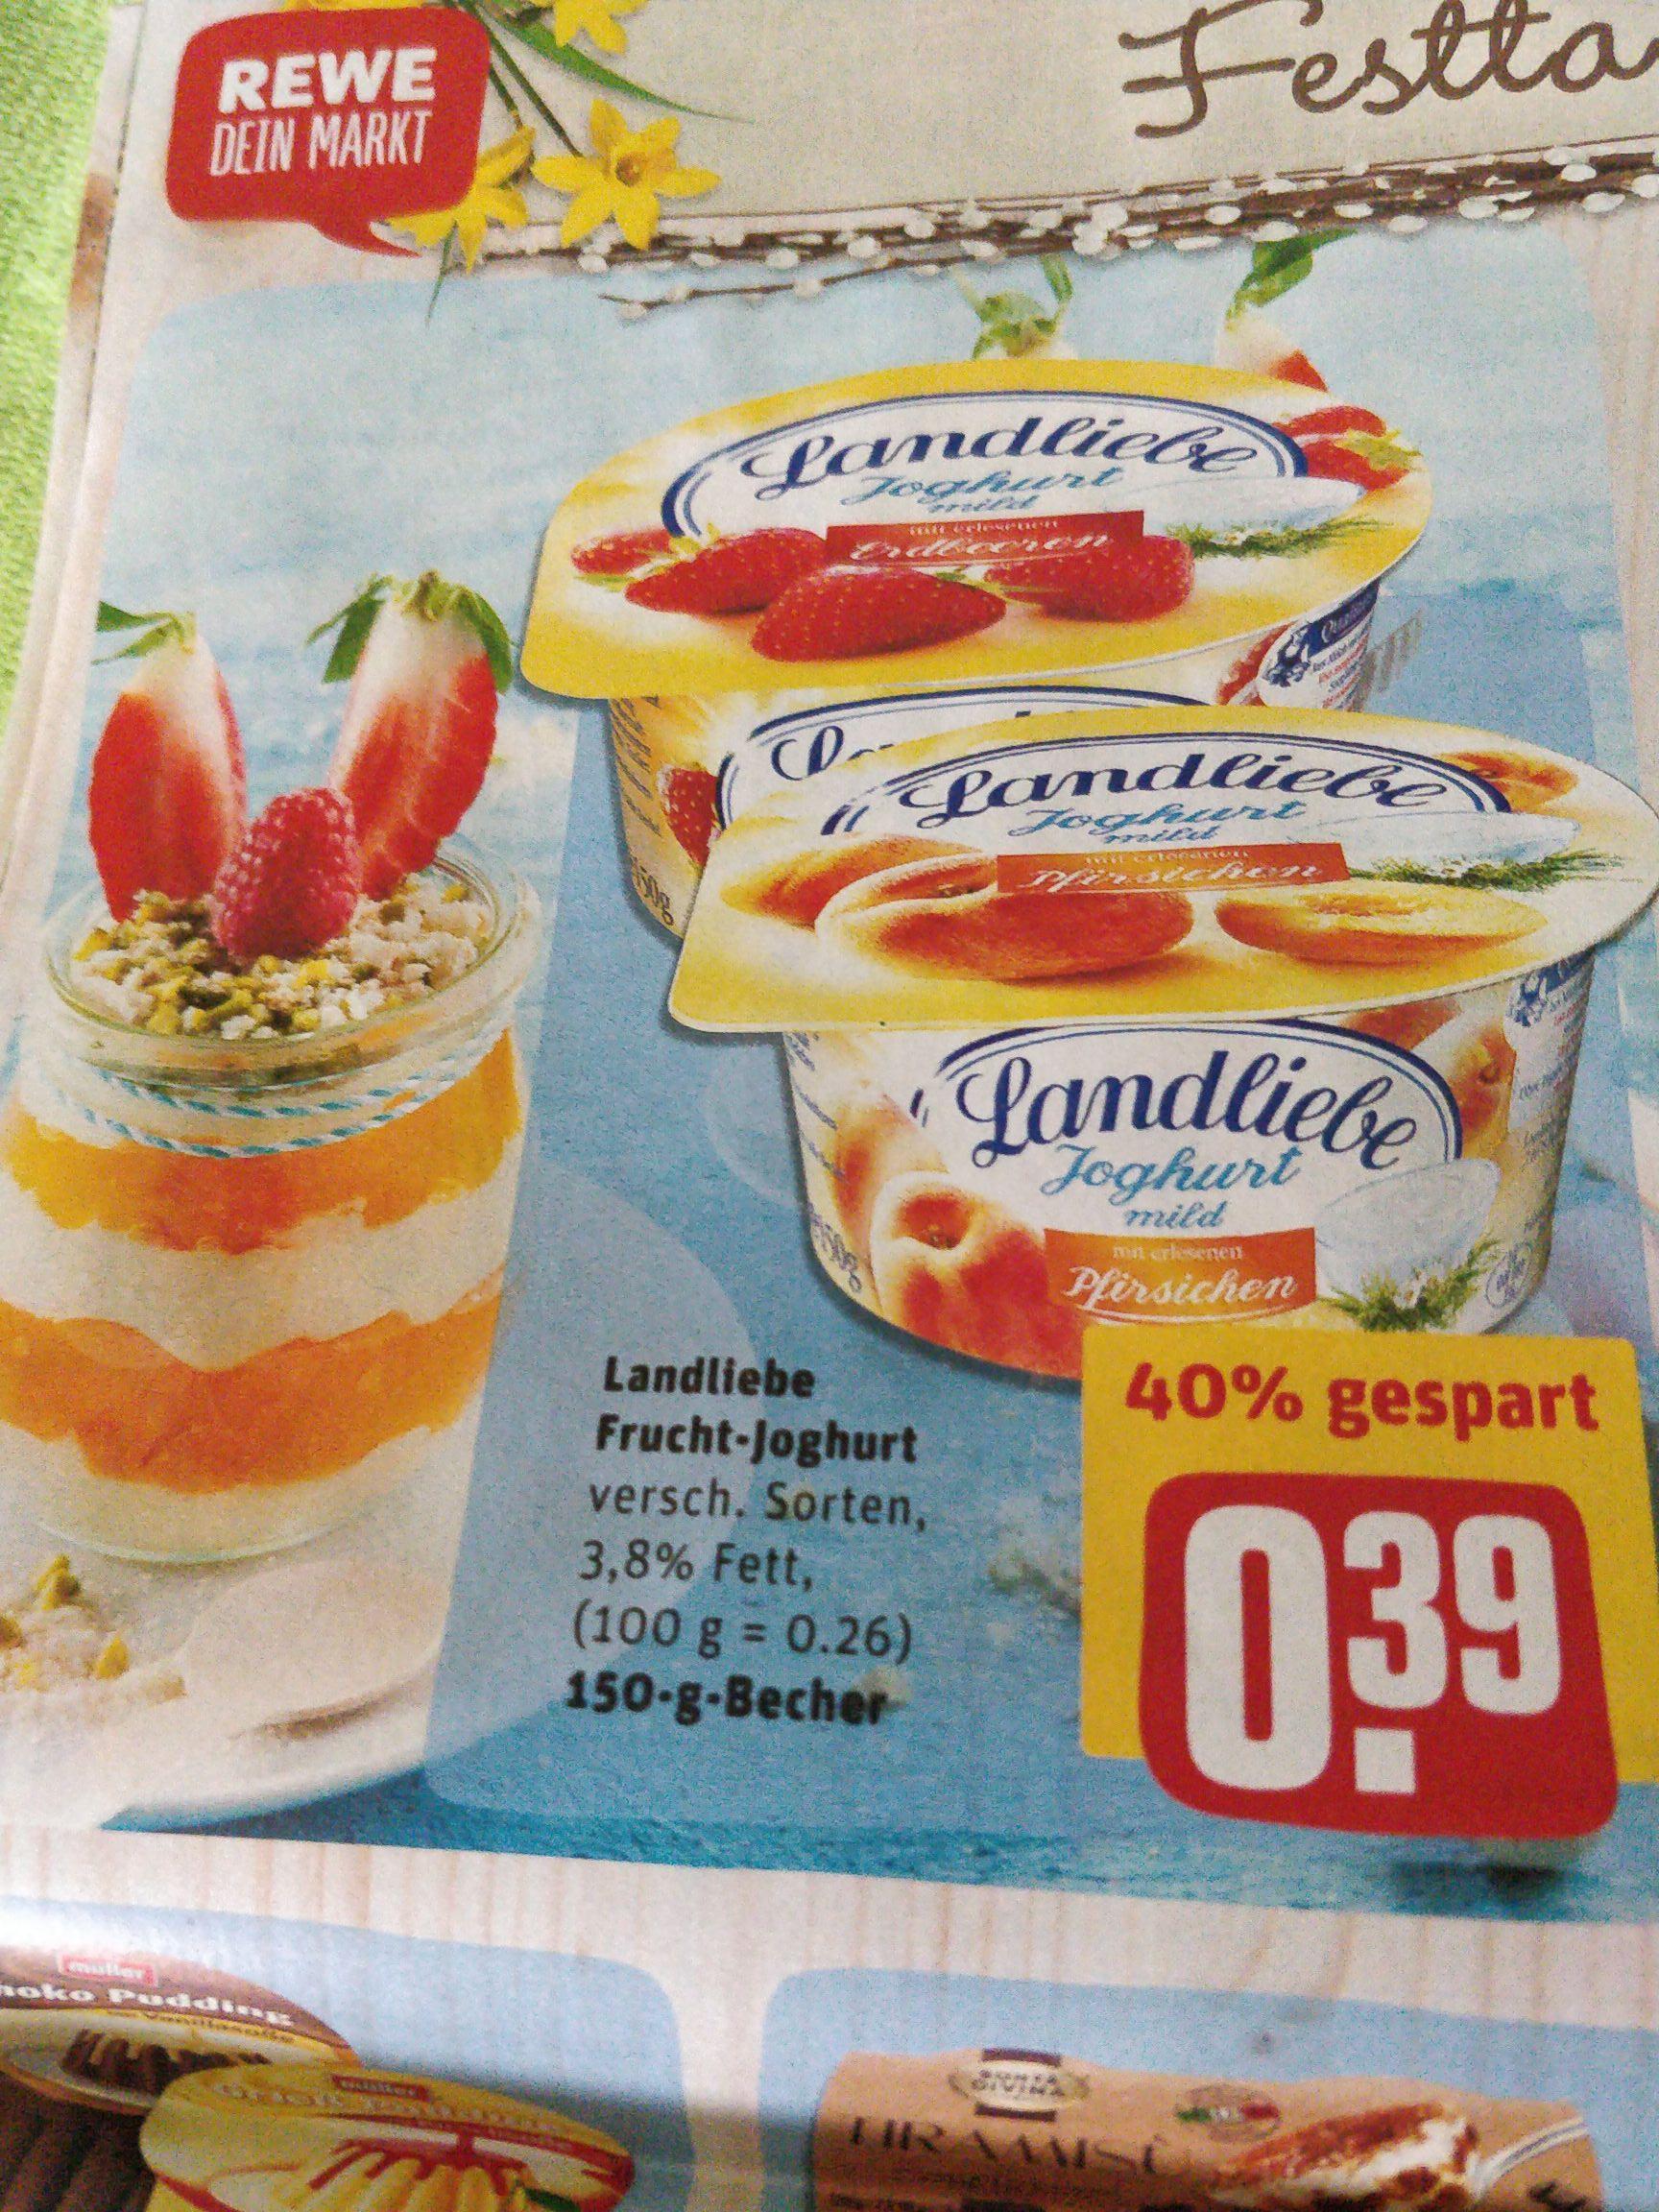 (Rewe) Landliebe Frucht-Joghurt, 6 Stück